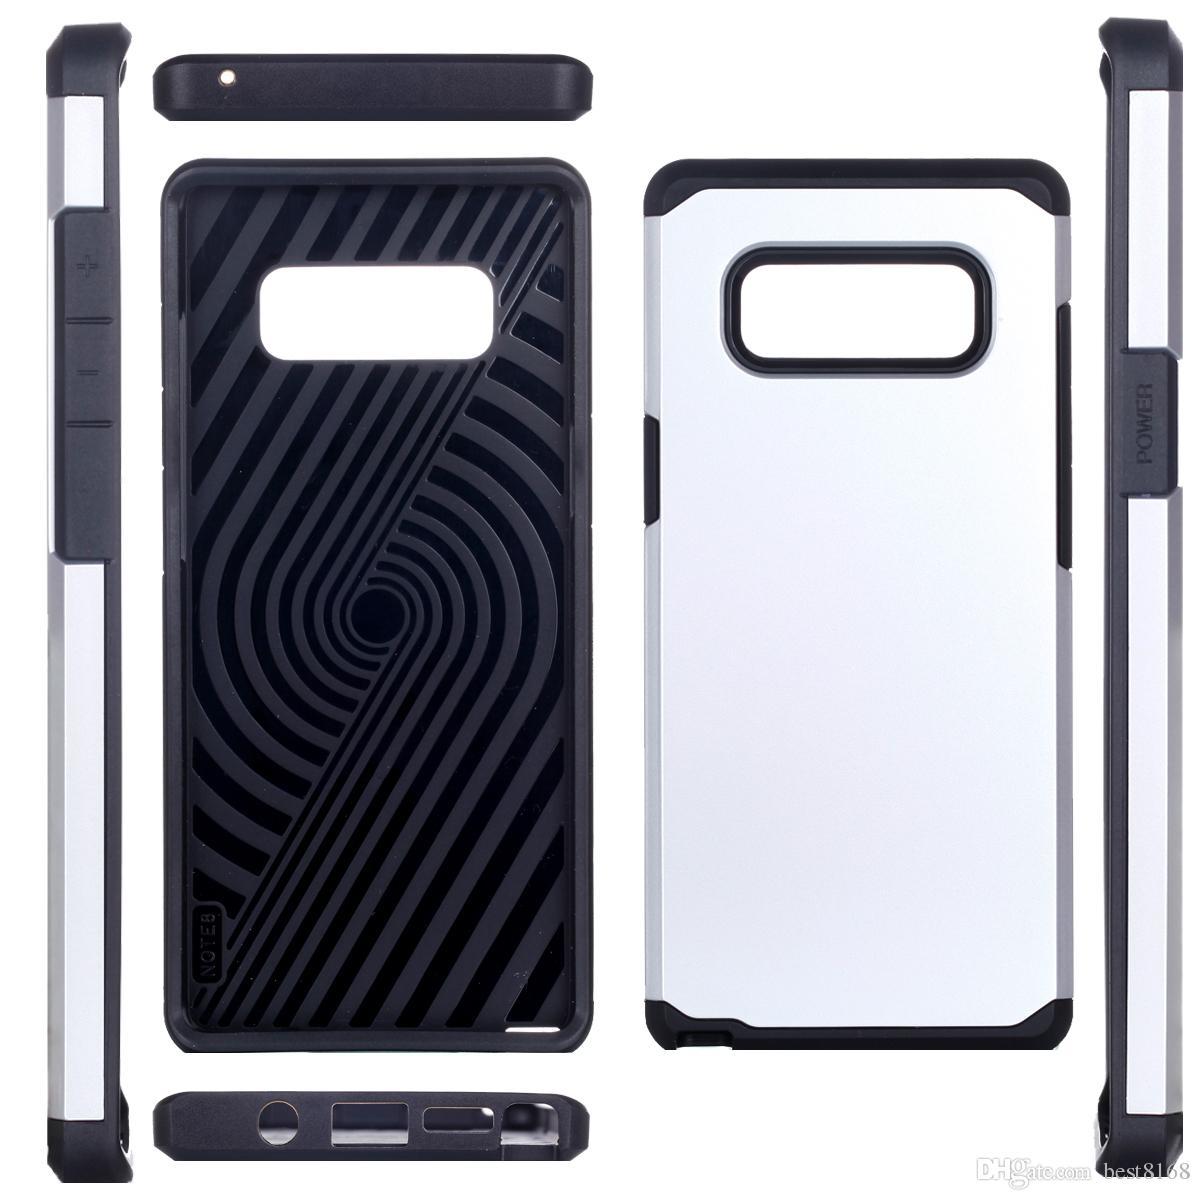 Étui Armor Robot pour Iphone X 5.8 pouces / Galaxy Note8 Note 8 robuste en plastique dur hybride résistant aux chocs + TPU Defender Couverture de peau de téléphone portable de luxe